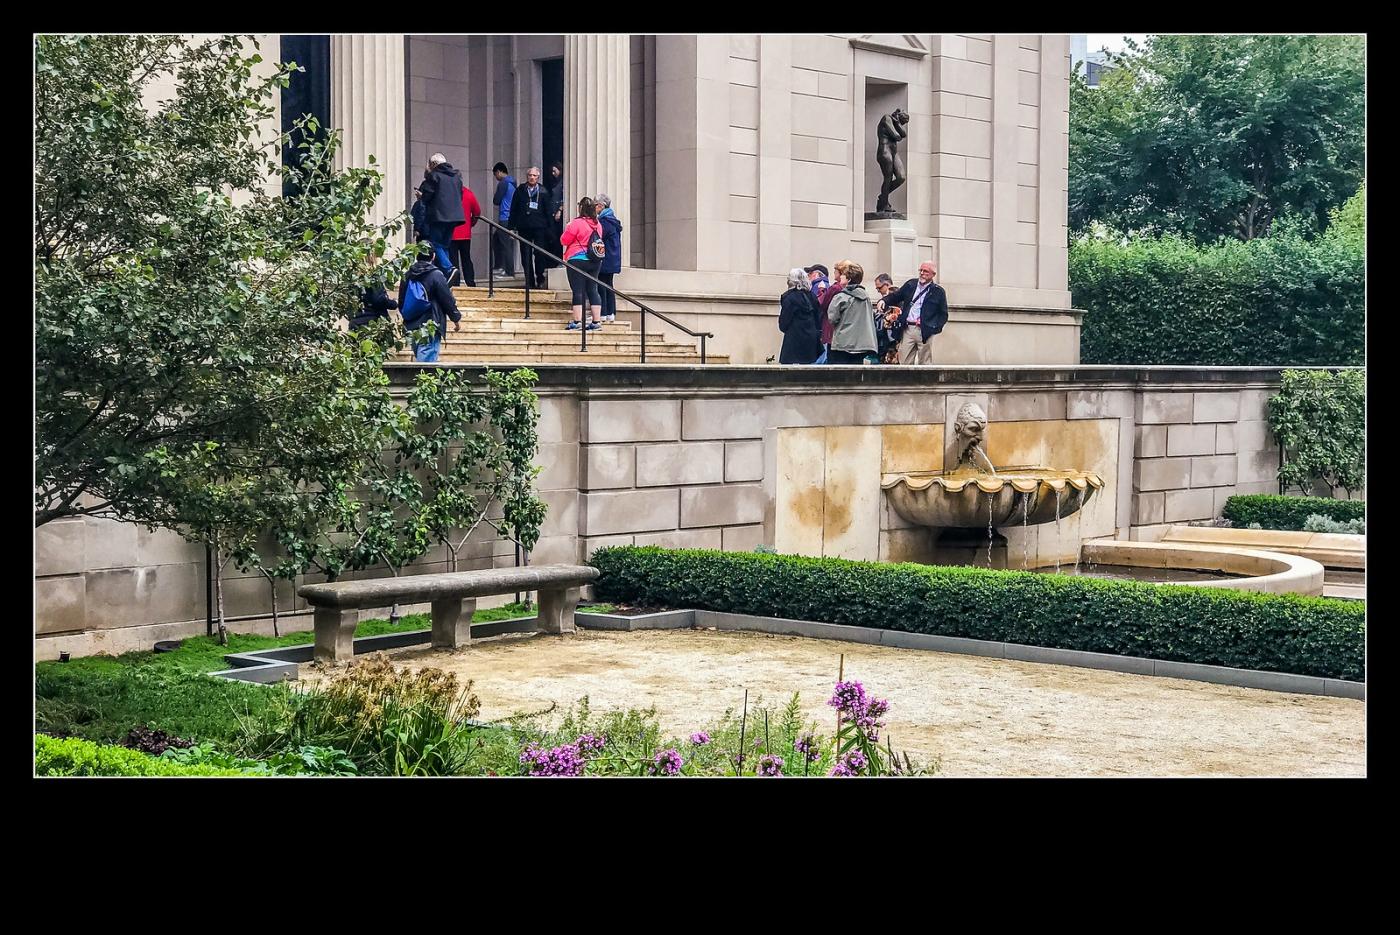 费城罗丹博物馆,值得一看(手机摄影)_图1-6